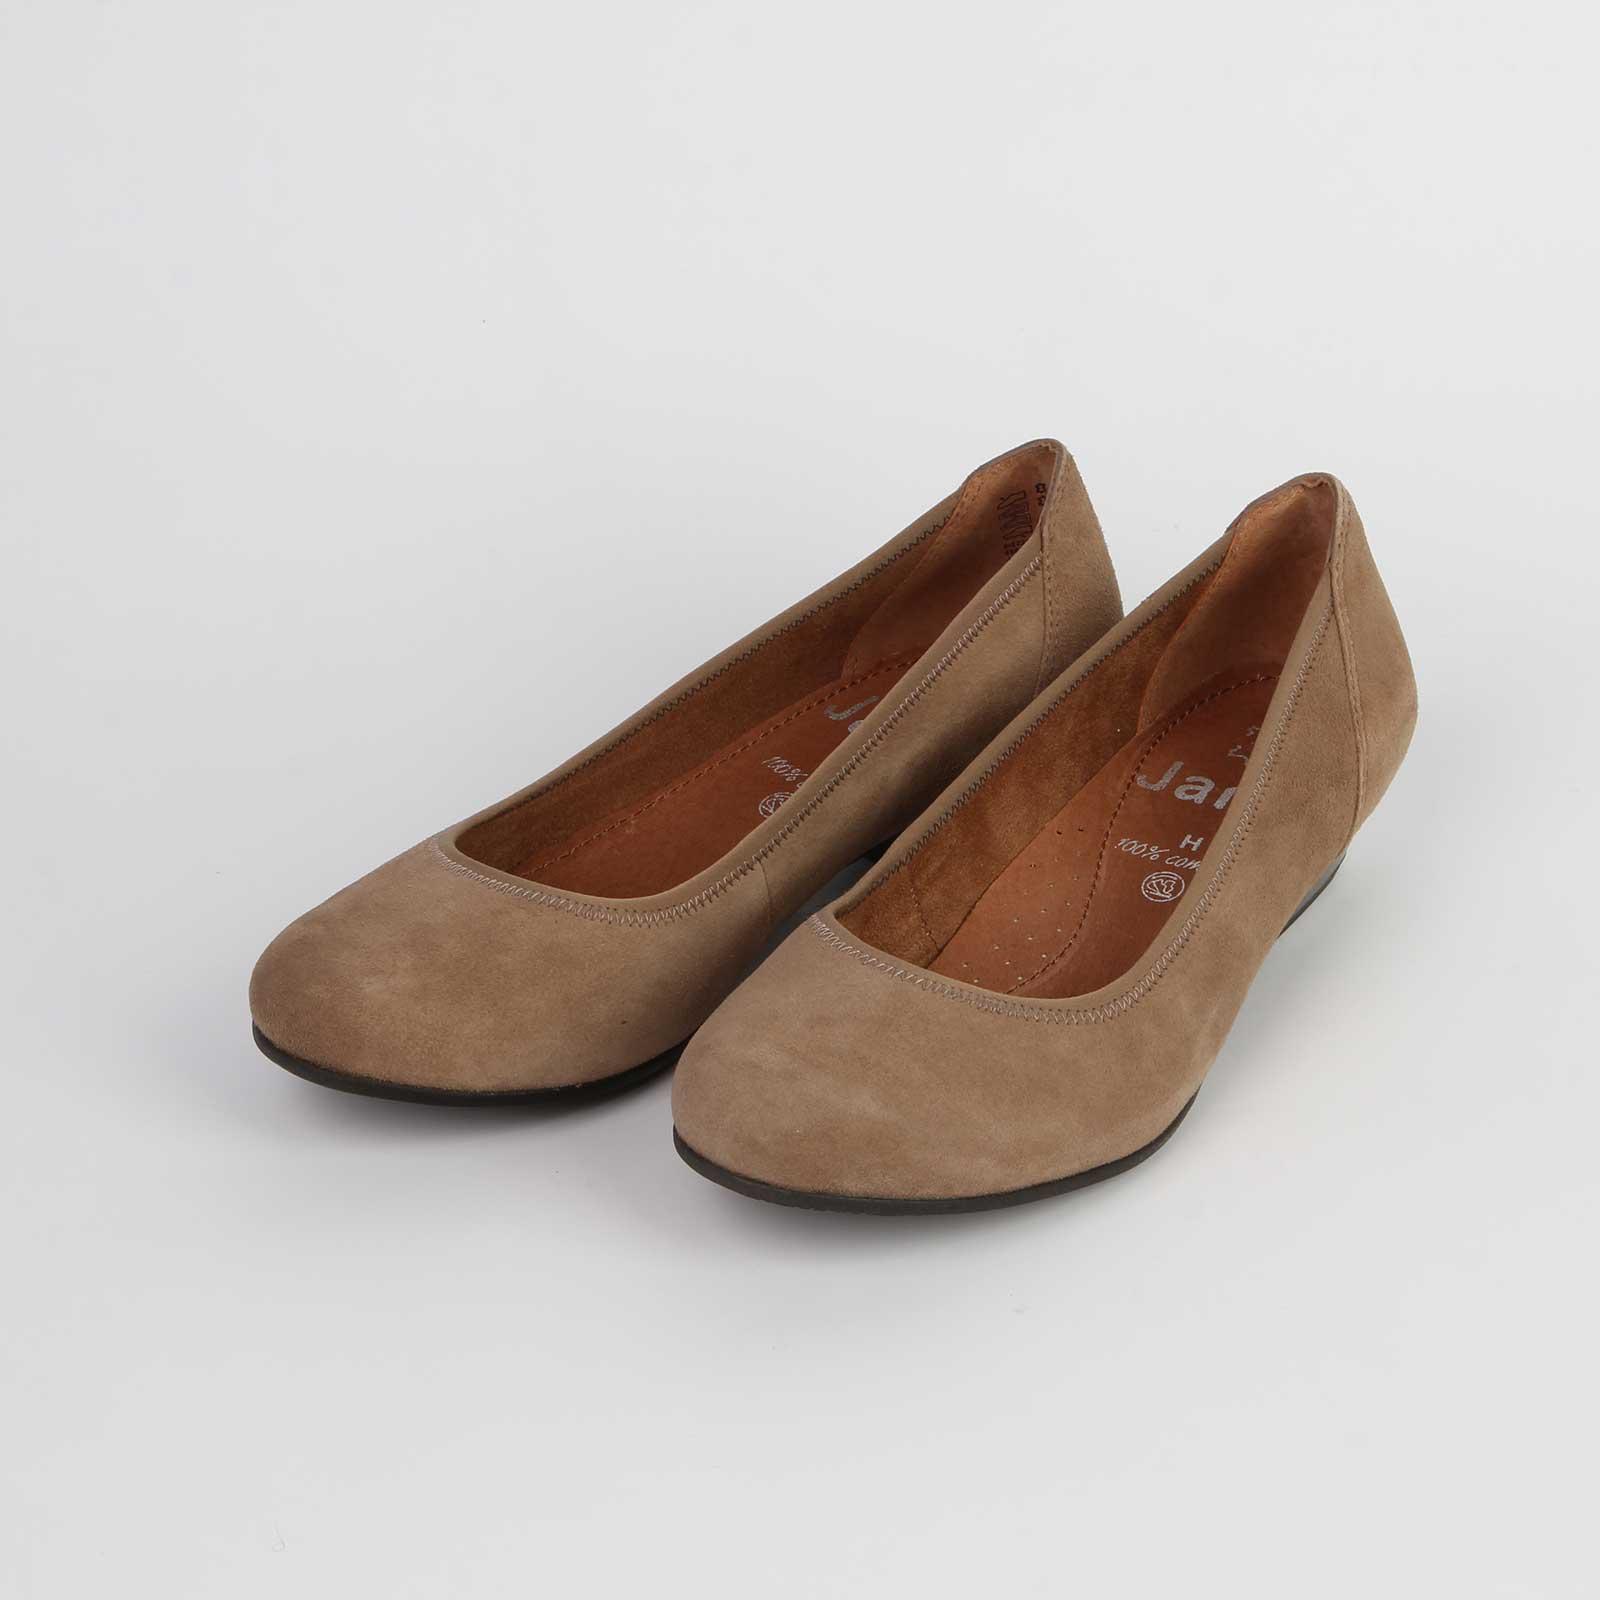 Лодочки женские из натуральной кожи на невысоком каблуке